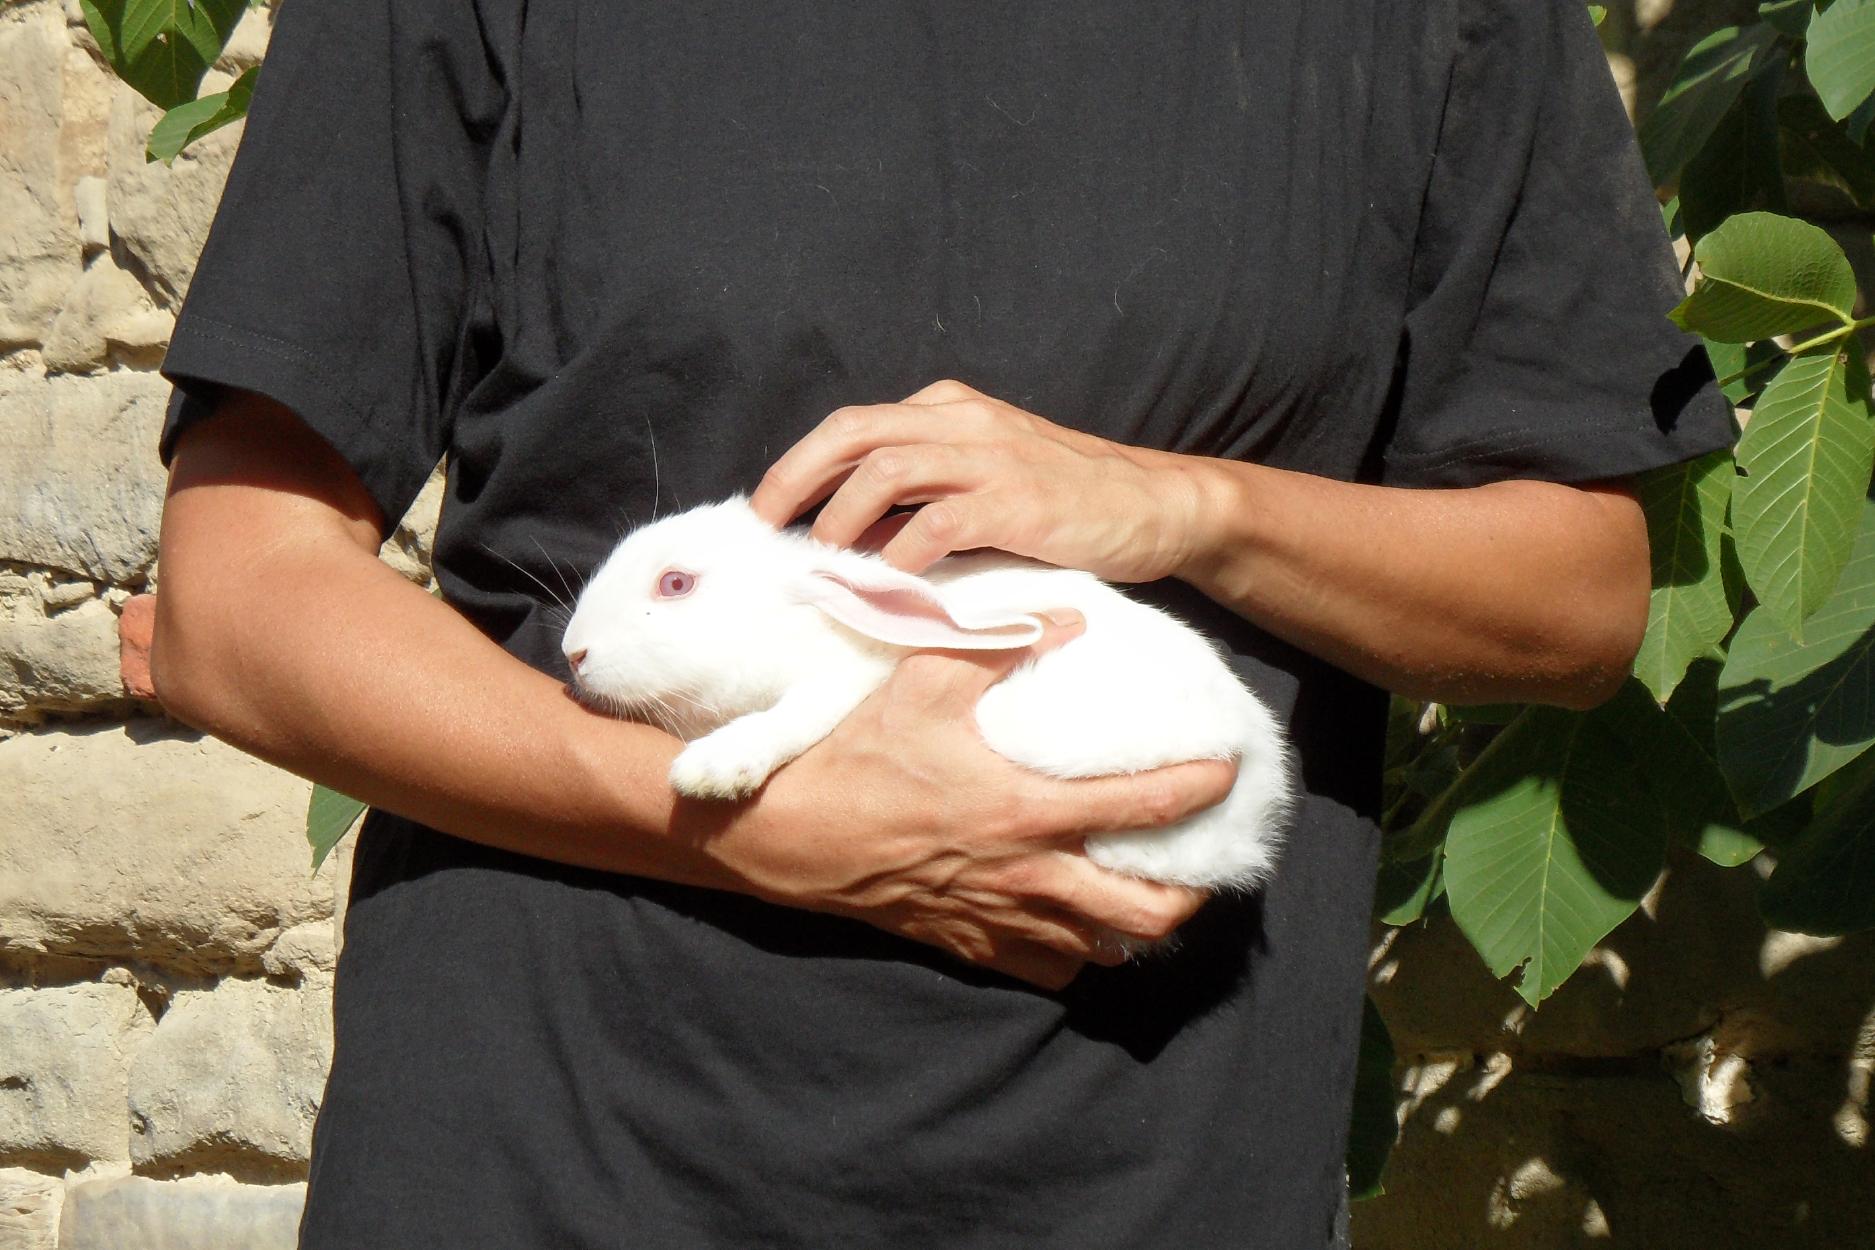 Uno dei conigli liberati.